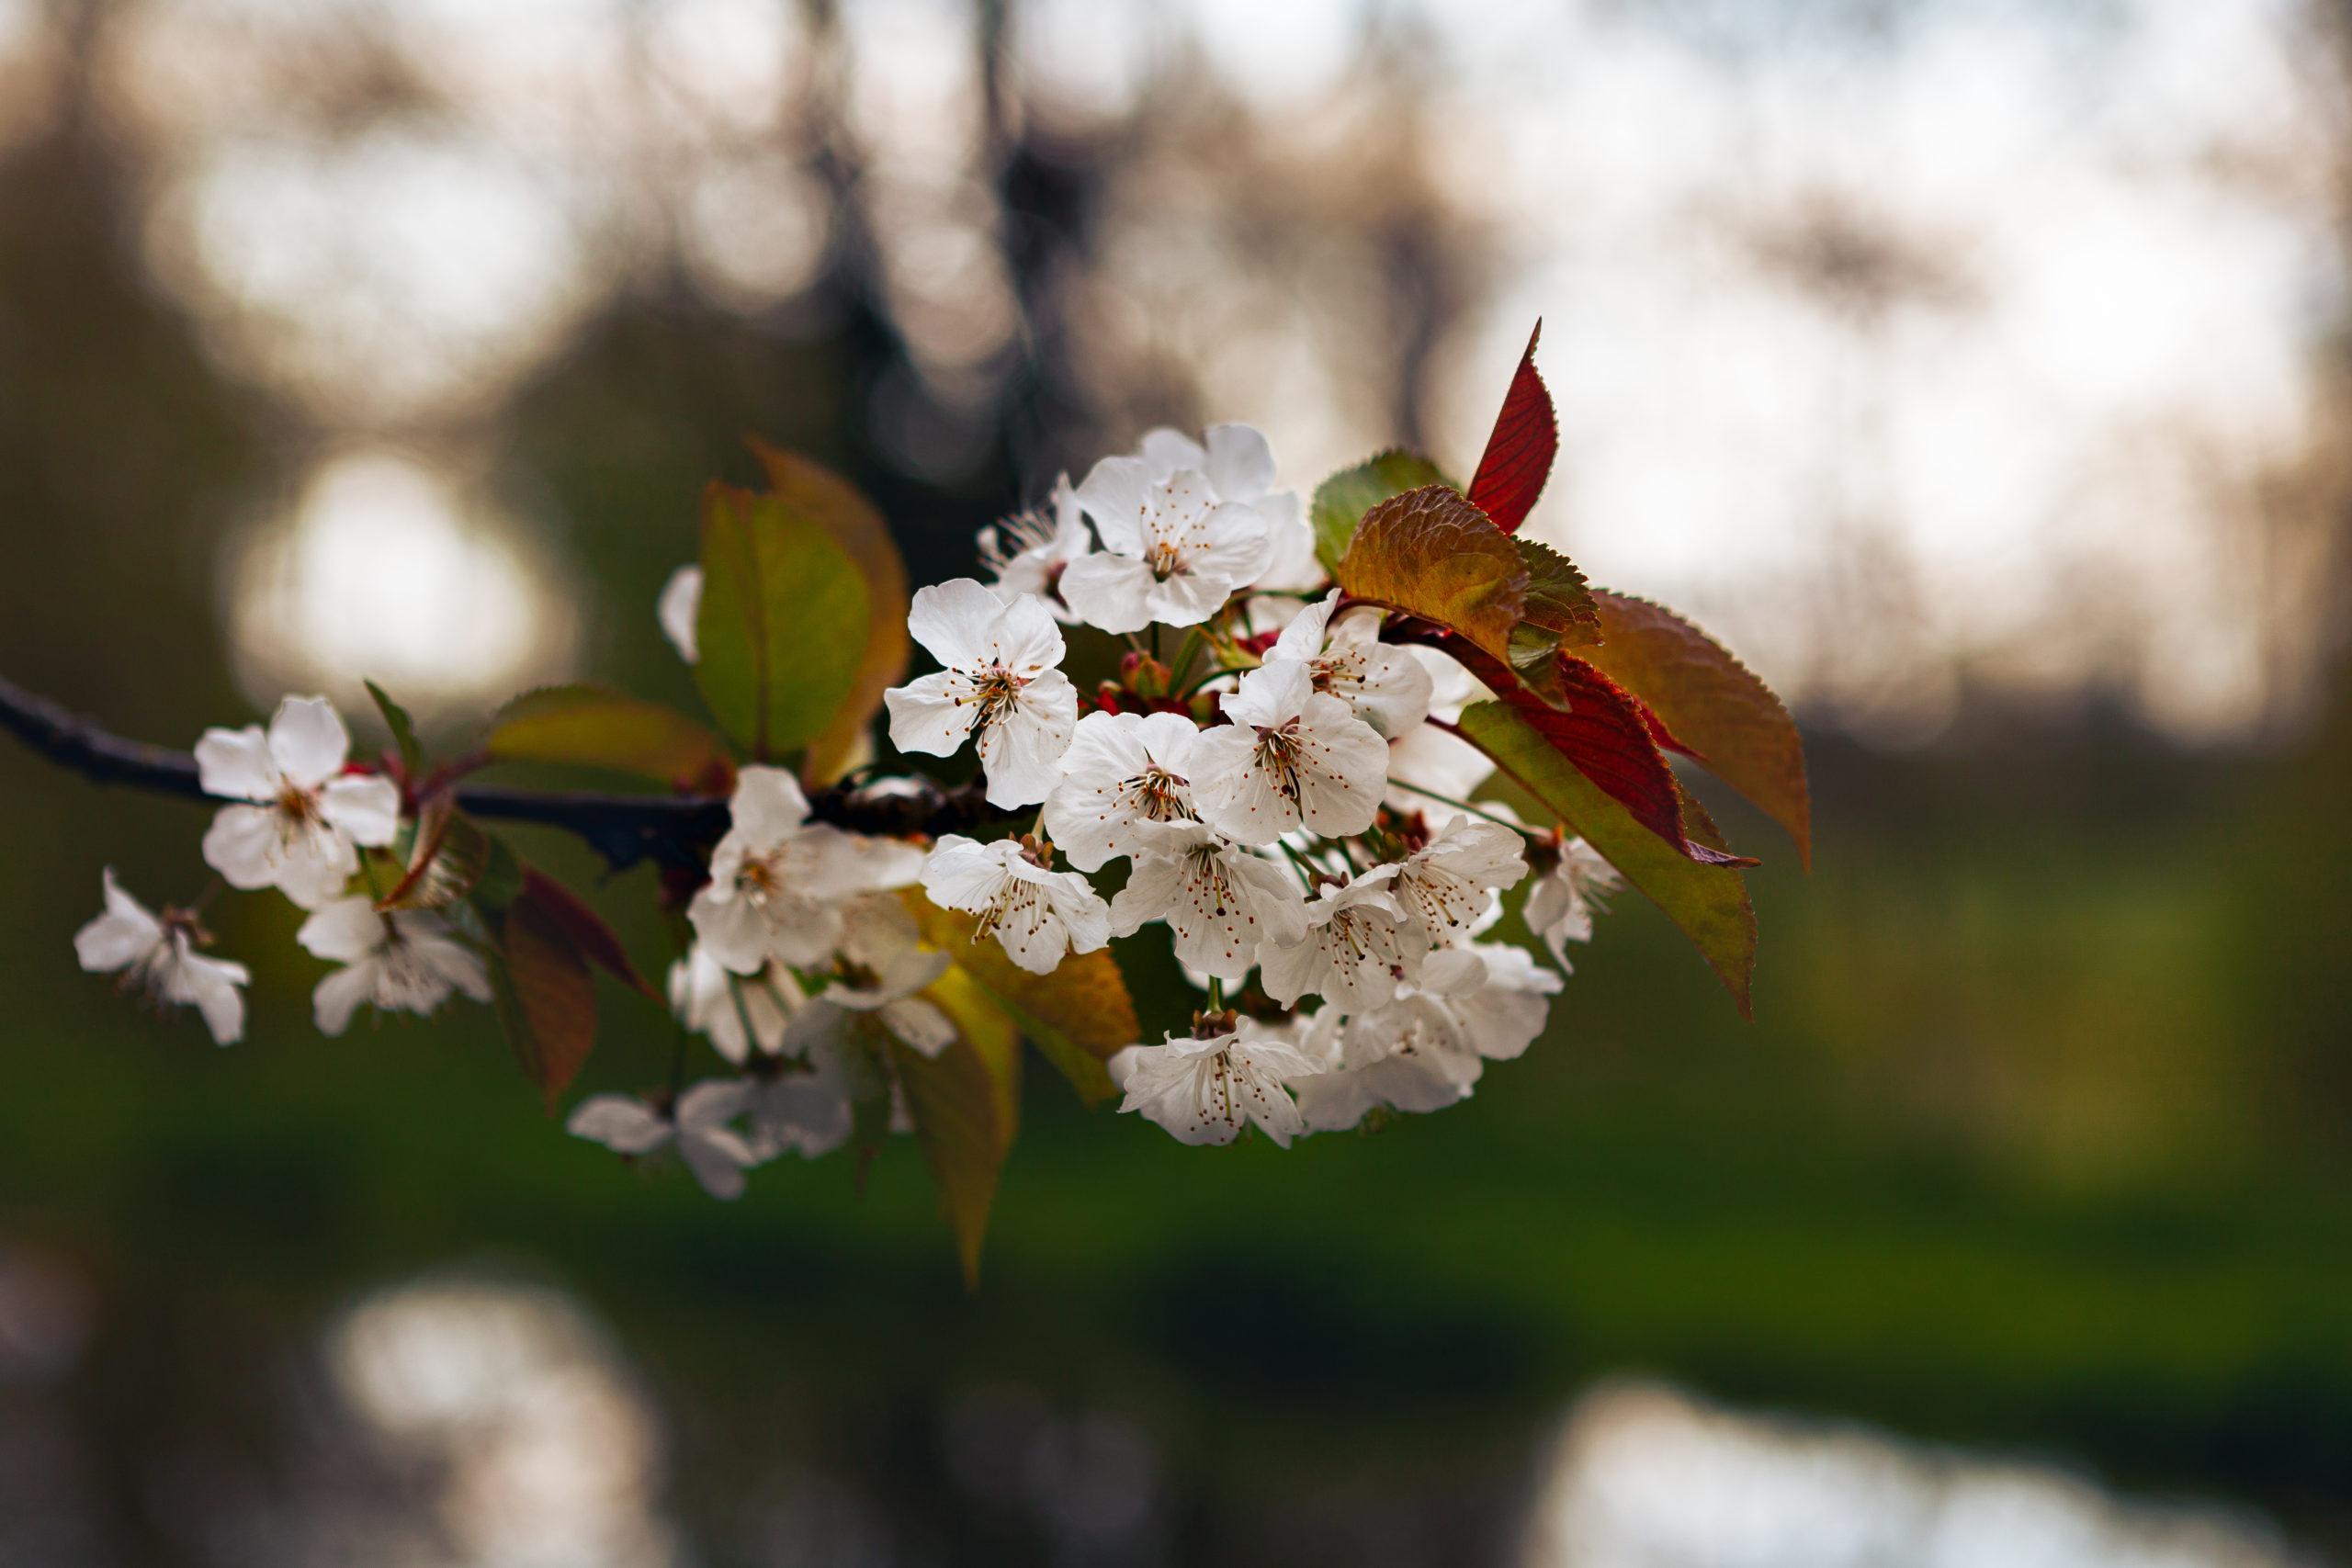 fleurs-de-pruniers-source-de-la-somme-rigole-du-noirieux-aisne-saint-quentin-hauts-de-france-alex-stories